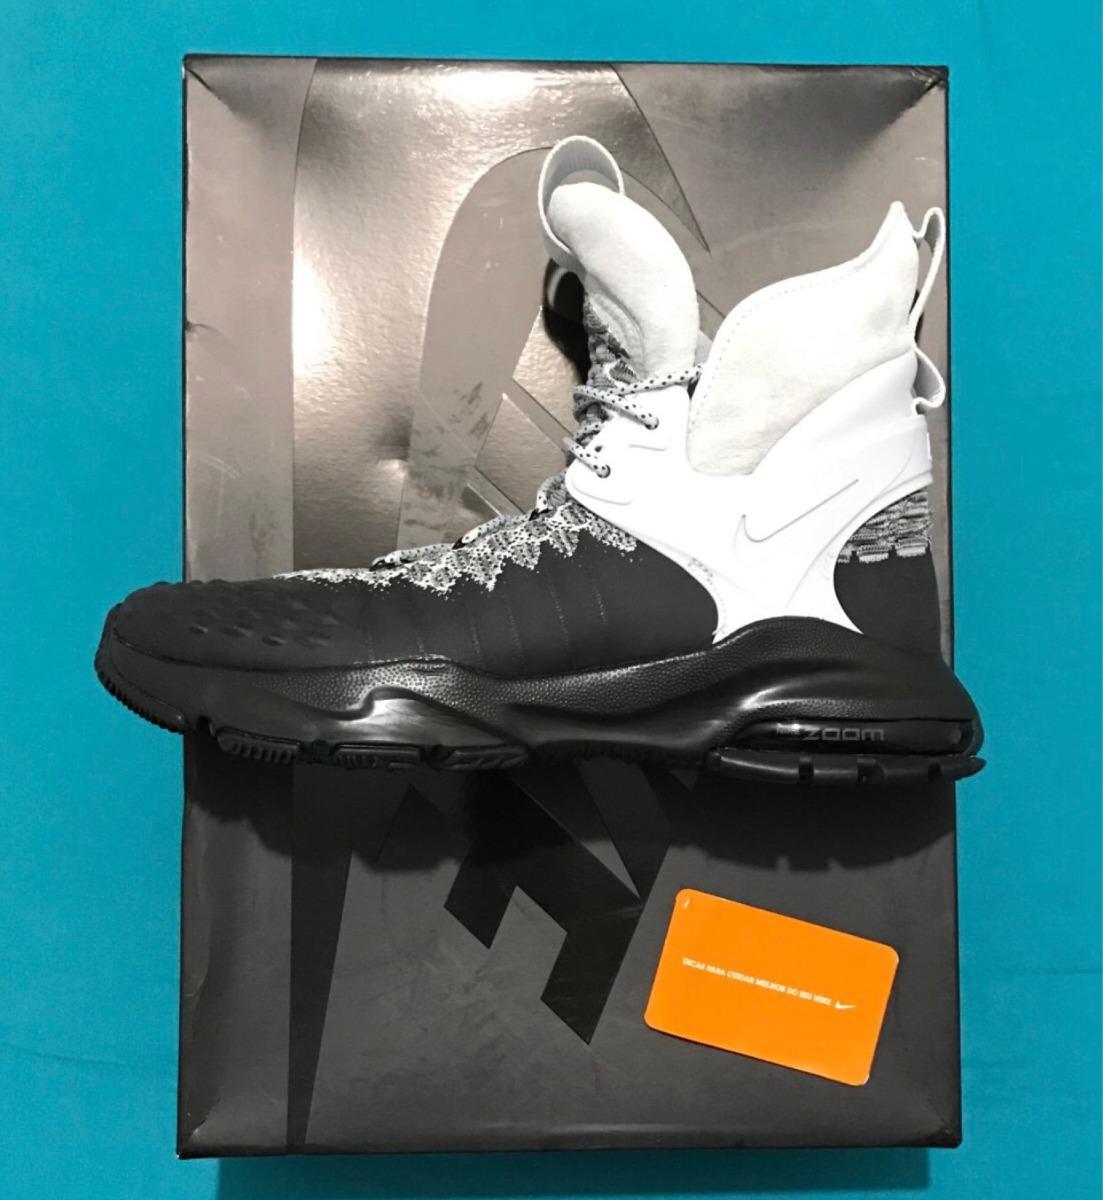 bd7c04bd9 Tênis Nike - R$ 700,00 em Mercado Livre